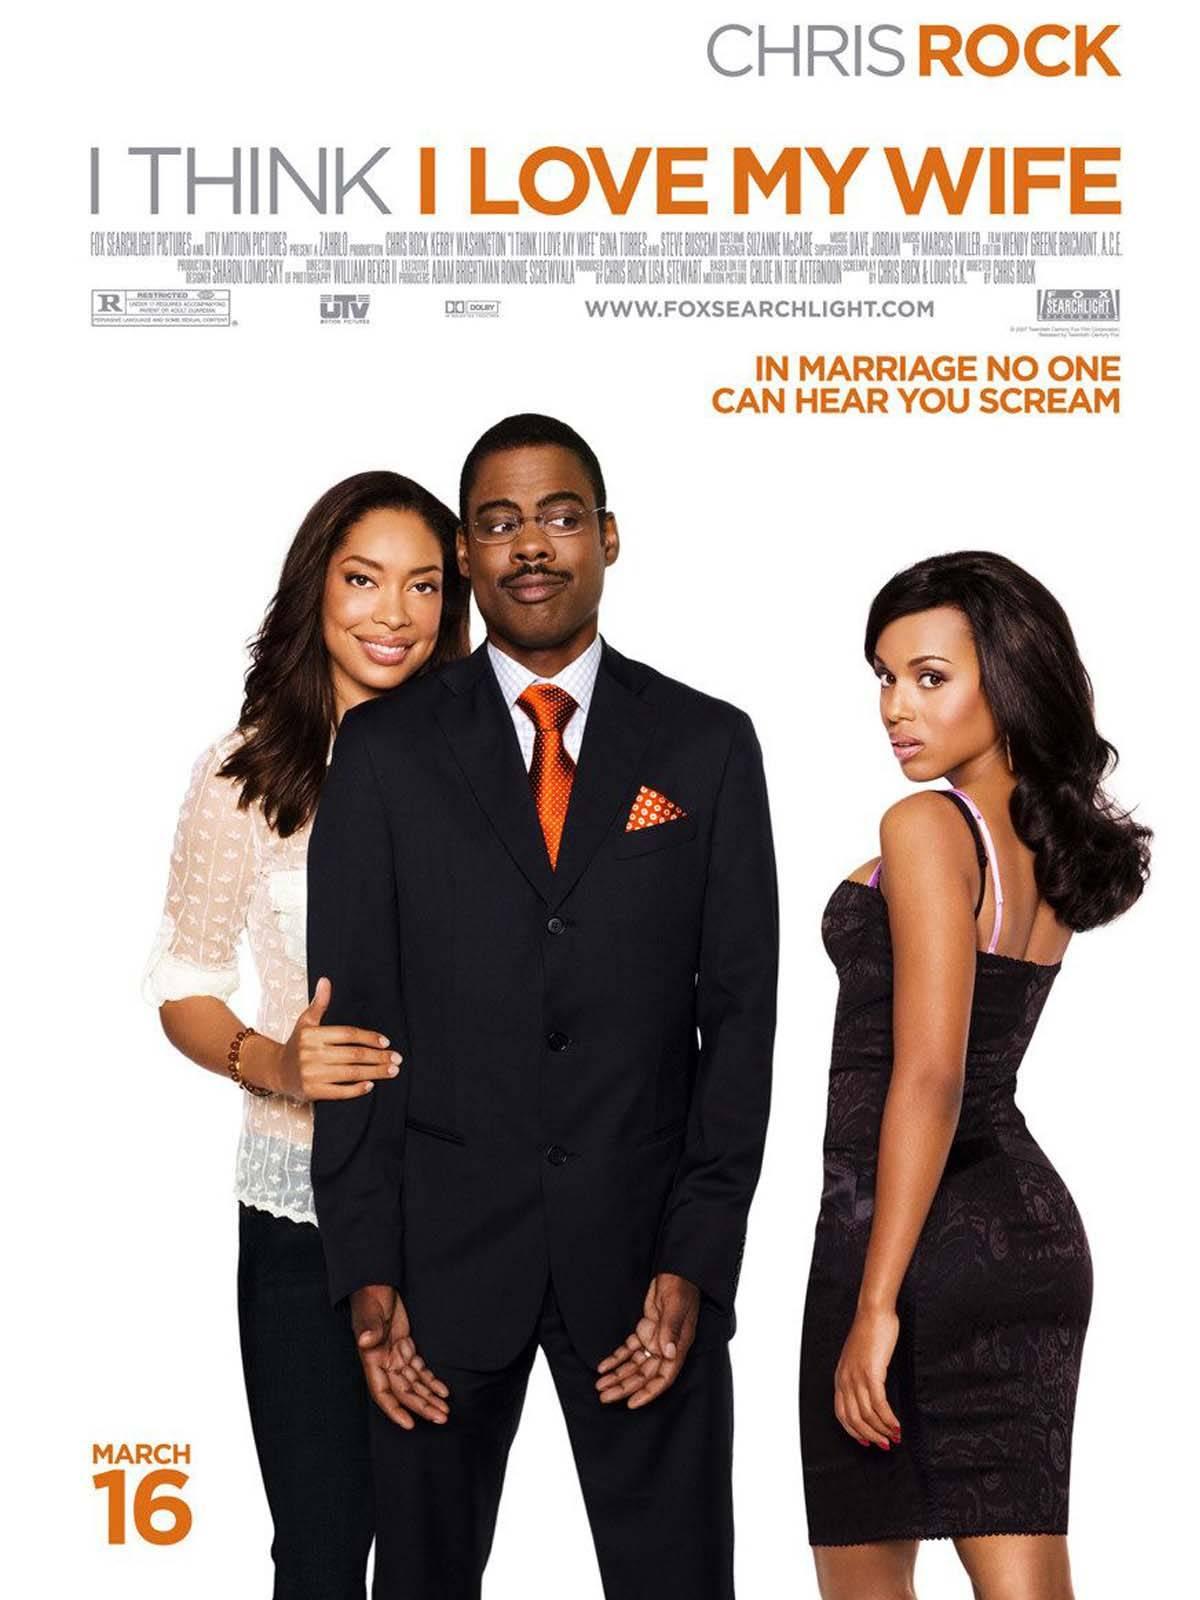 052218-celebs-black-remakes-of-white-films-2.jpg